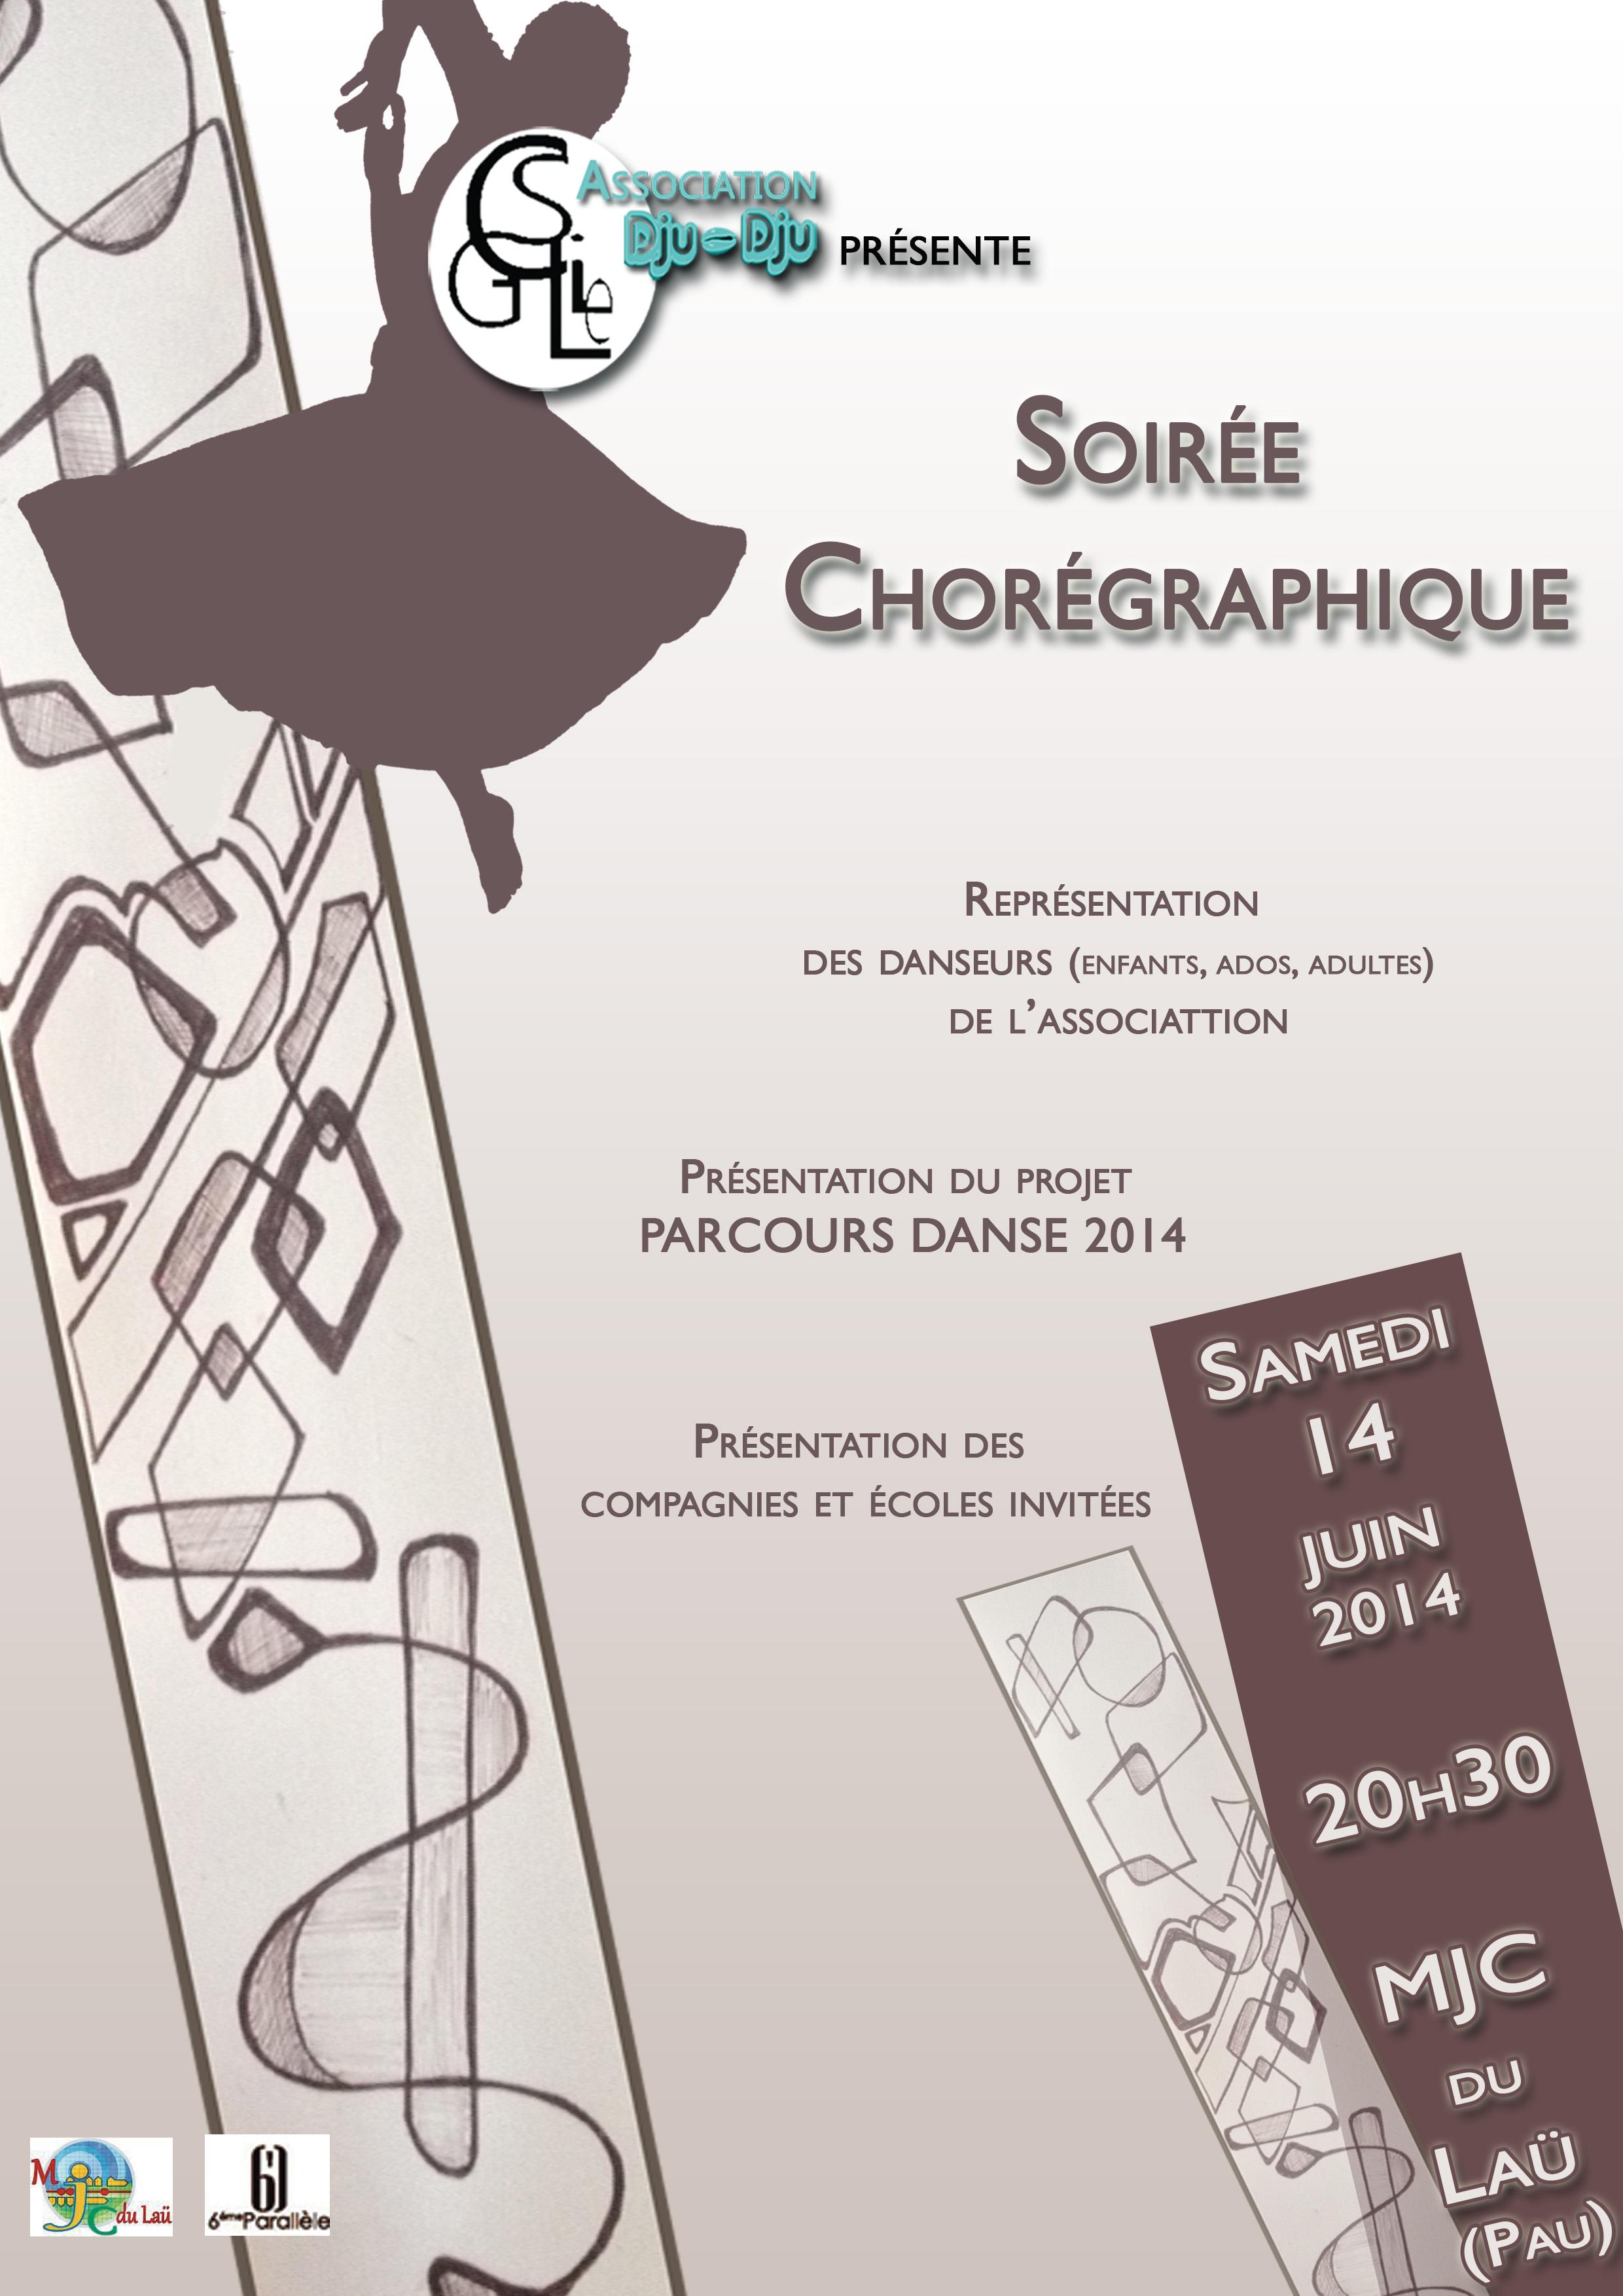 Soirée Chorégraphique - samedi 14 juin 2014